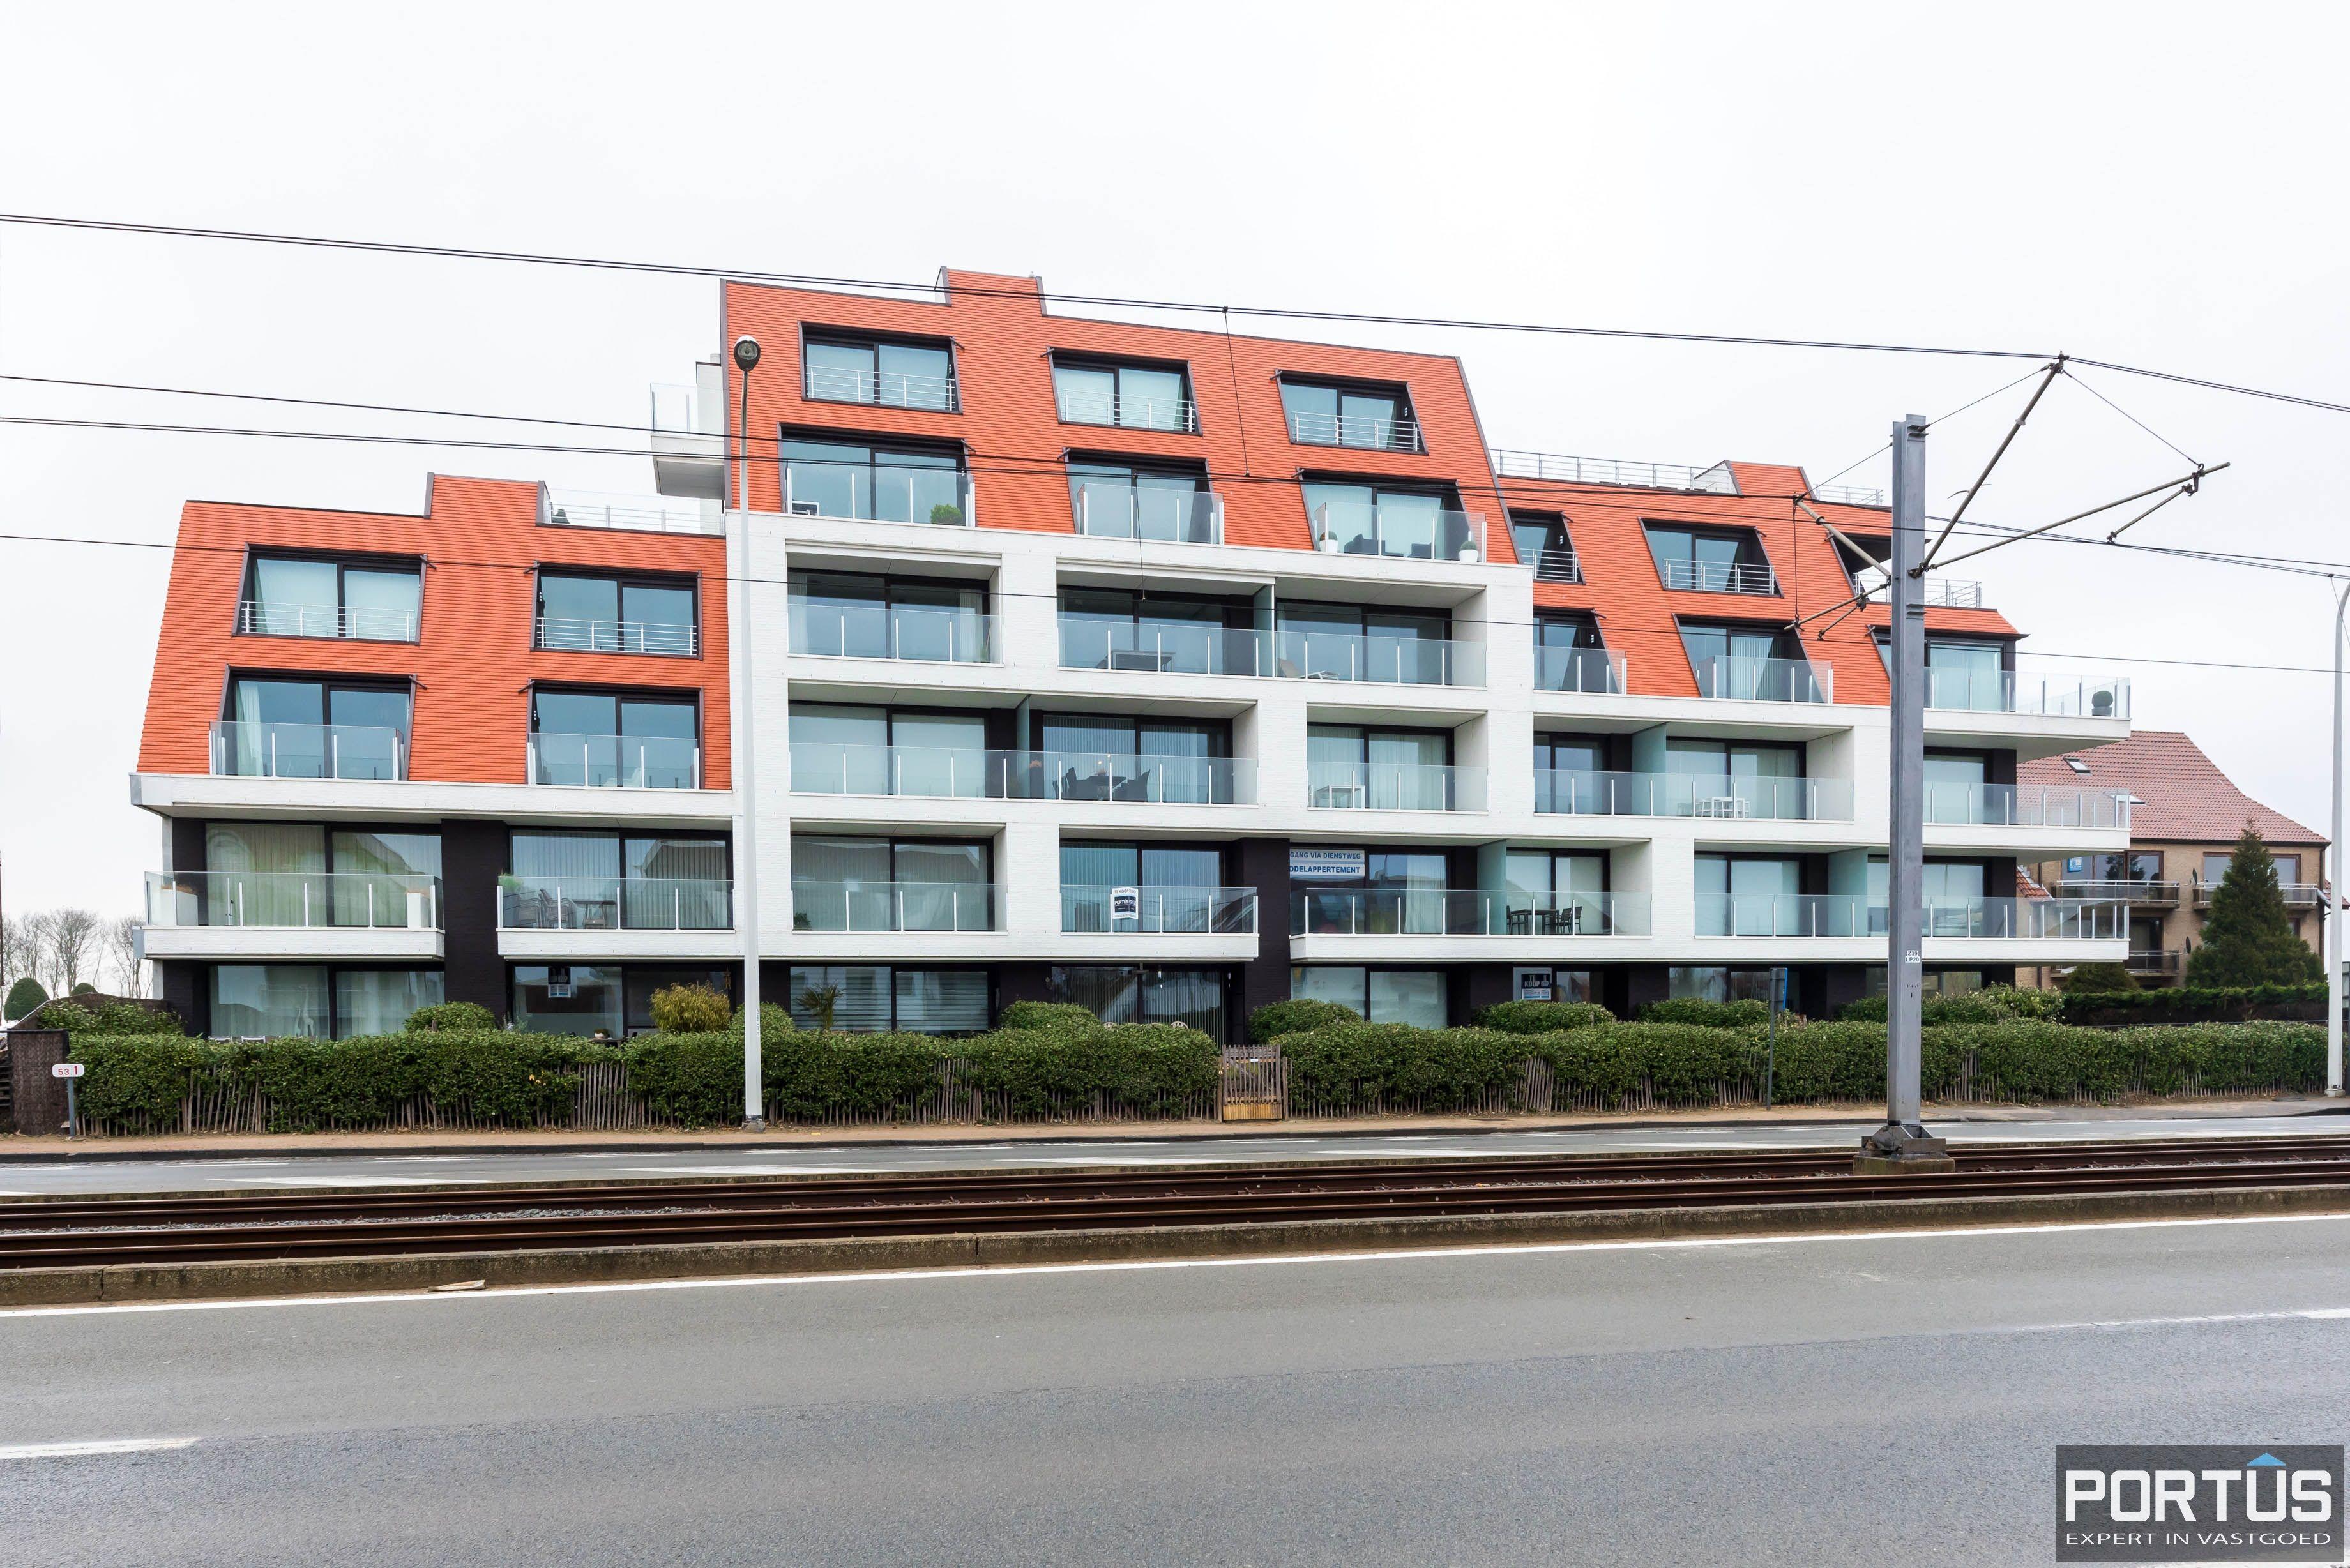 Appartement met 2 slaapkamers te koop Nieuwpoort - 5569